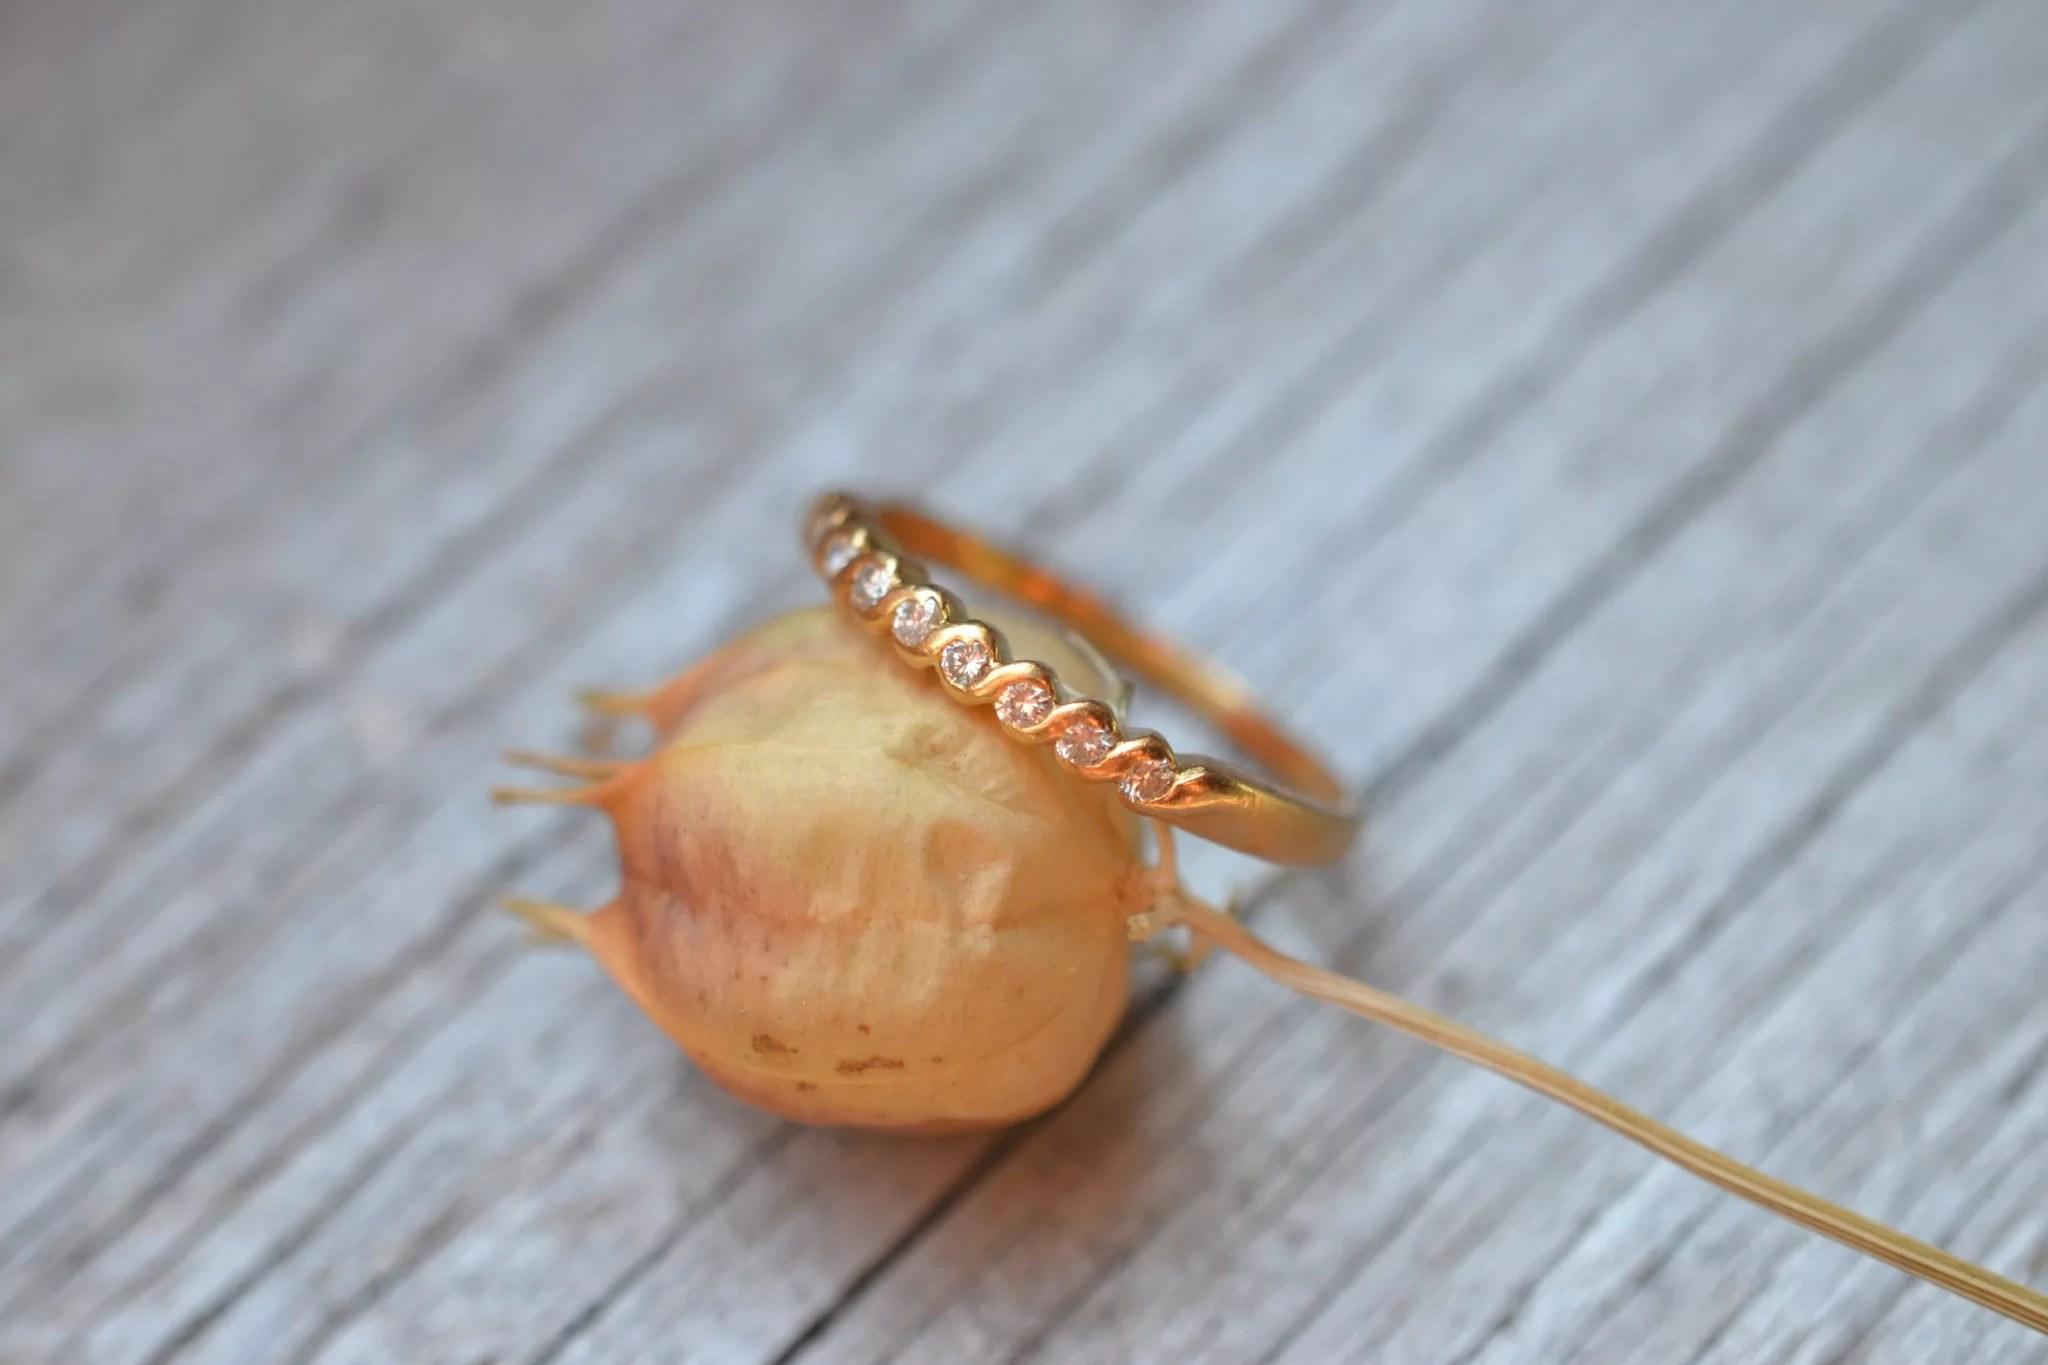 bague ancienne demi alliance américaine en Or jaune 18 carats et diamants - bijou ancien mariage durable. JPG